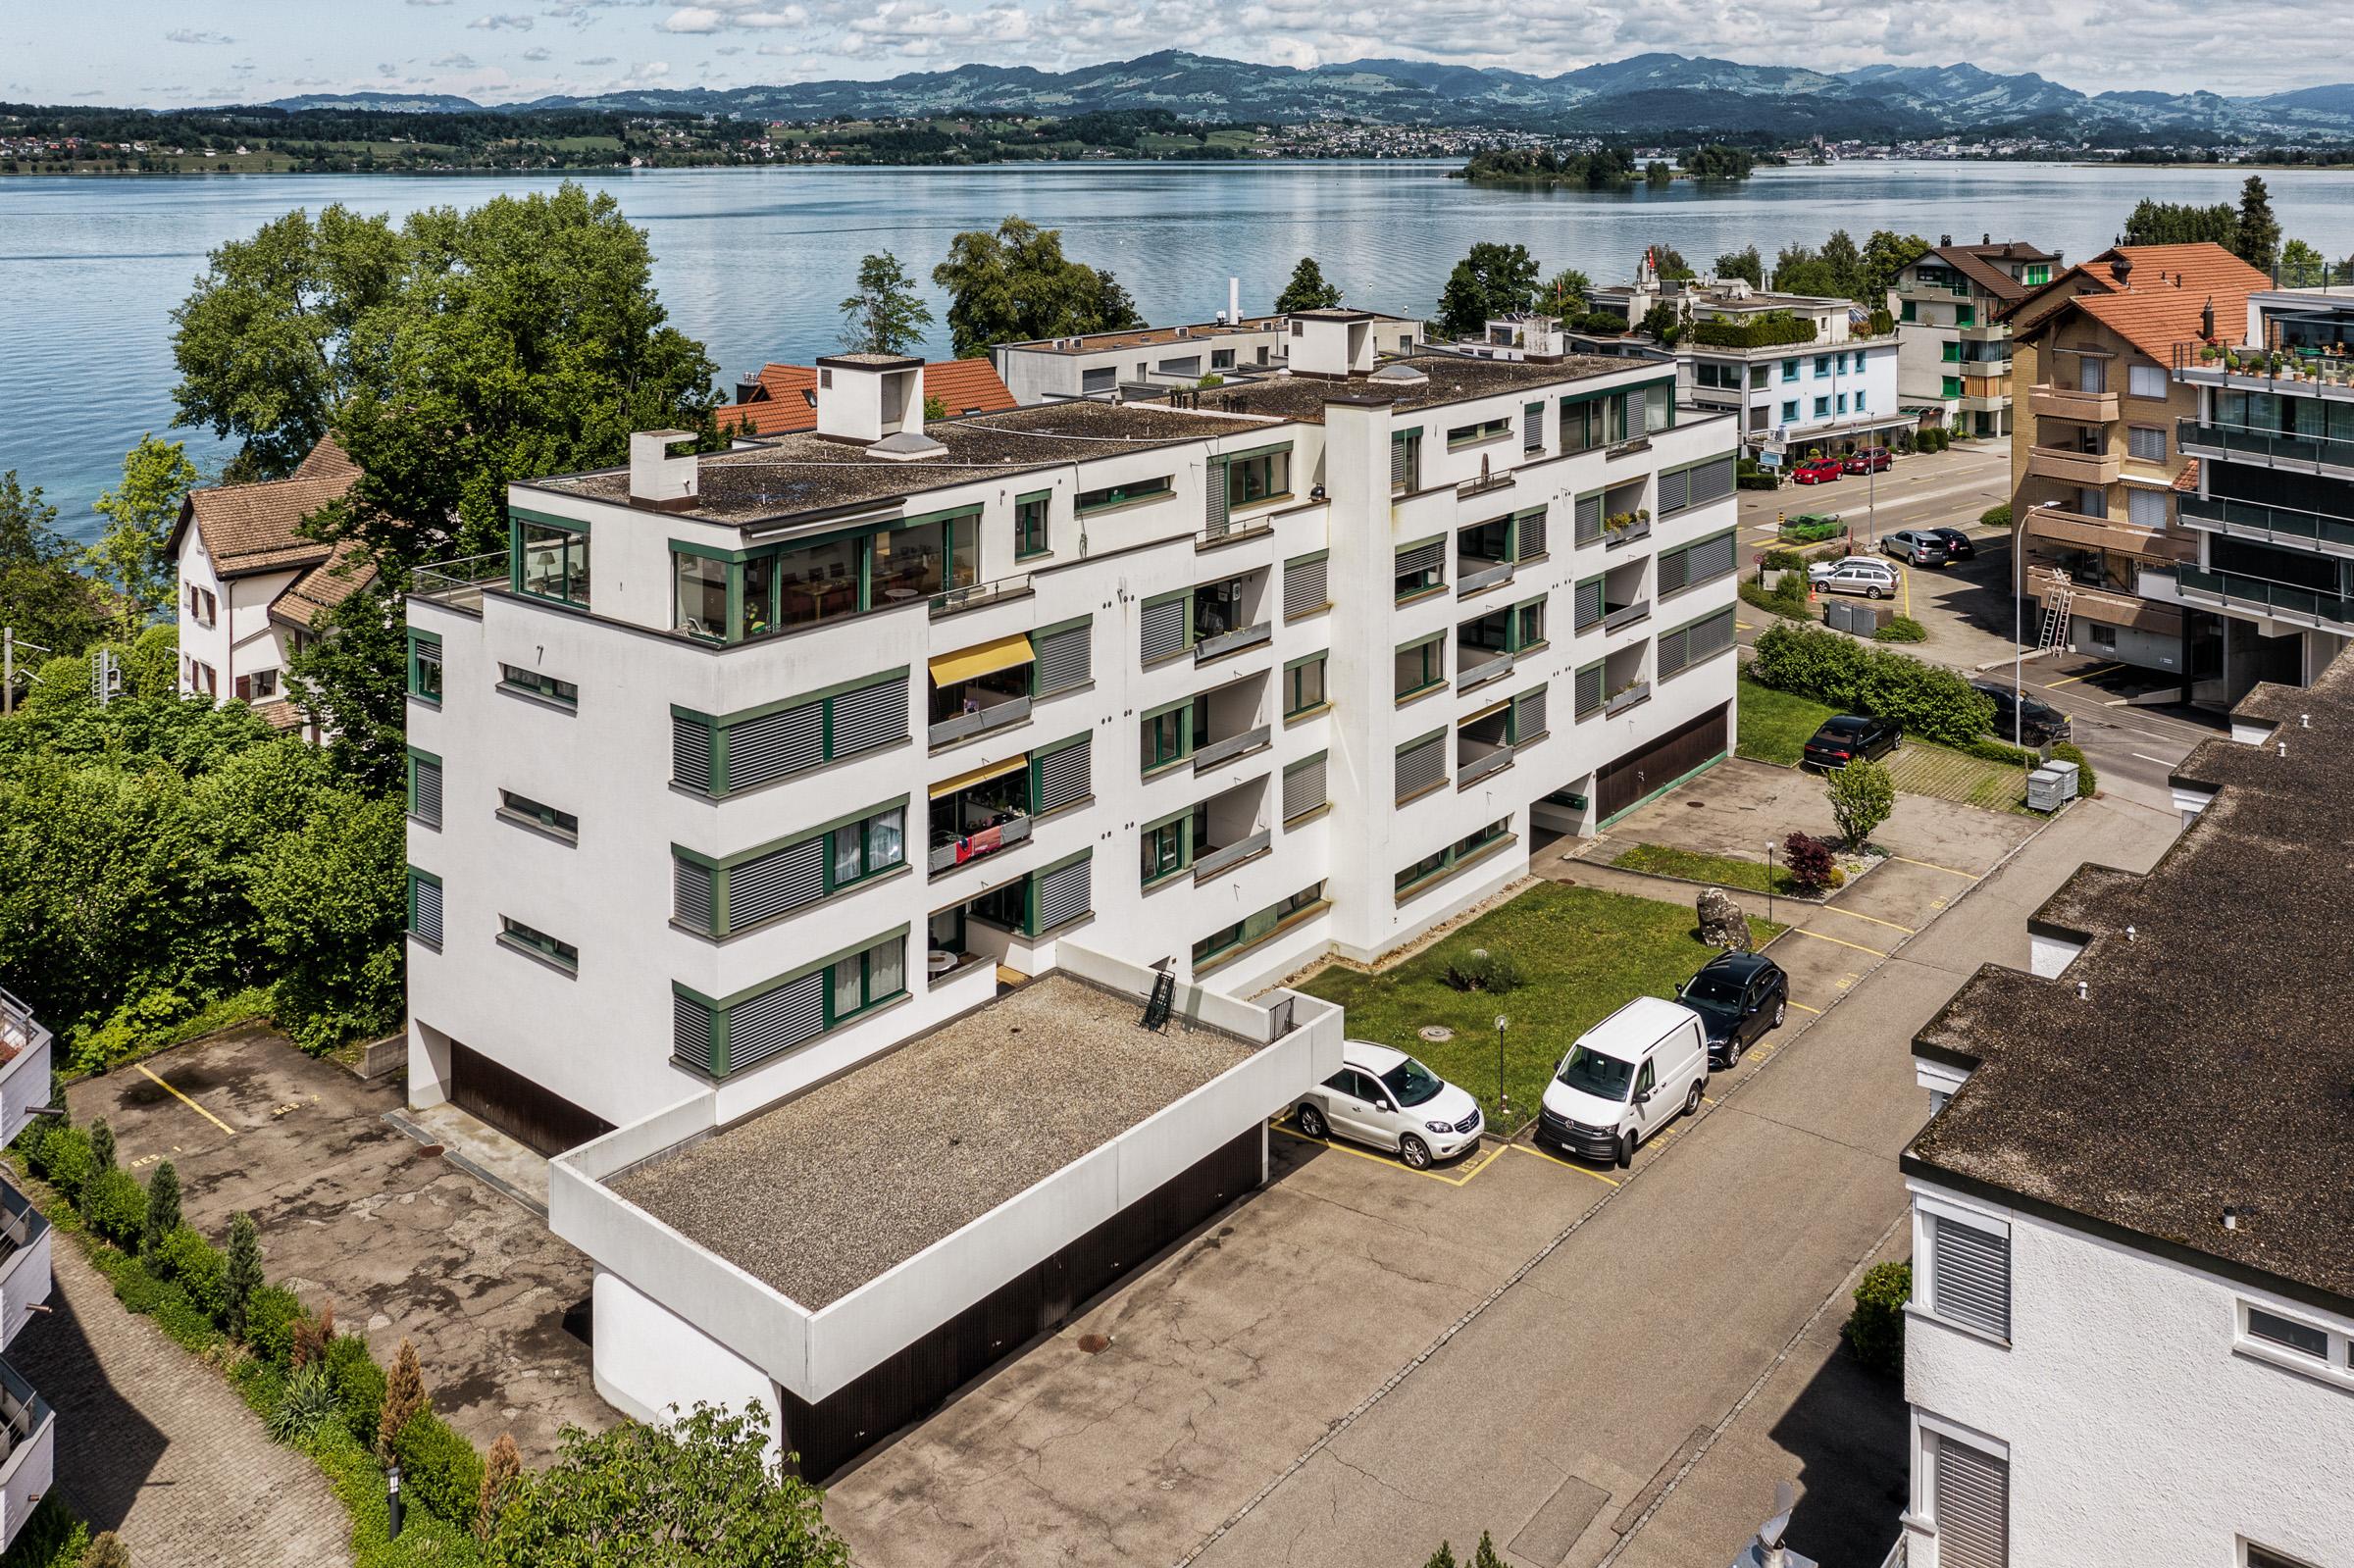 19-117 - Bruppacher Verwaltungs AG - Gartenstrasse 4+6 Freienbach--24.jpg